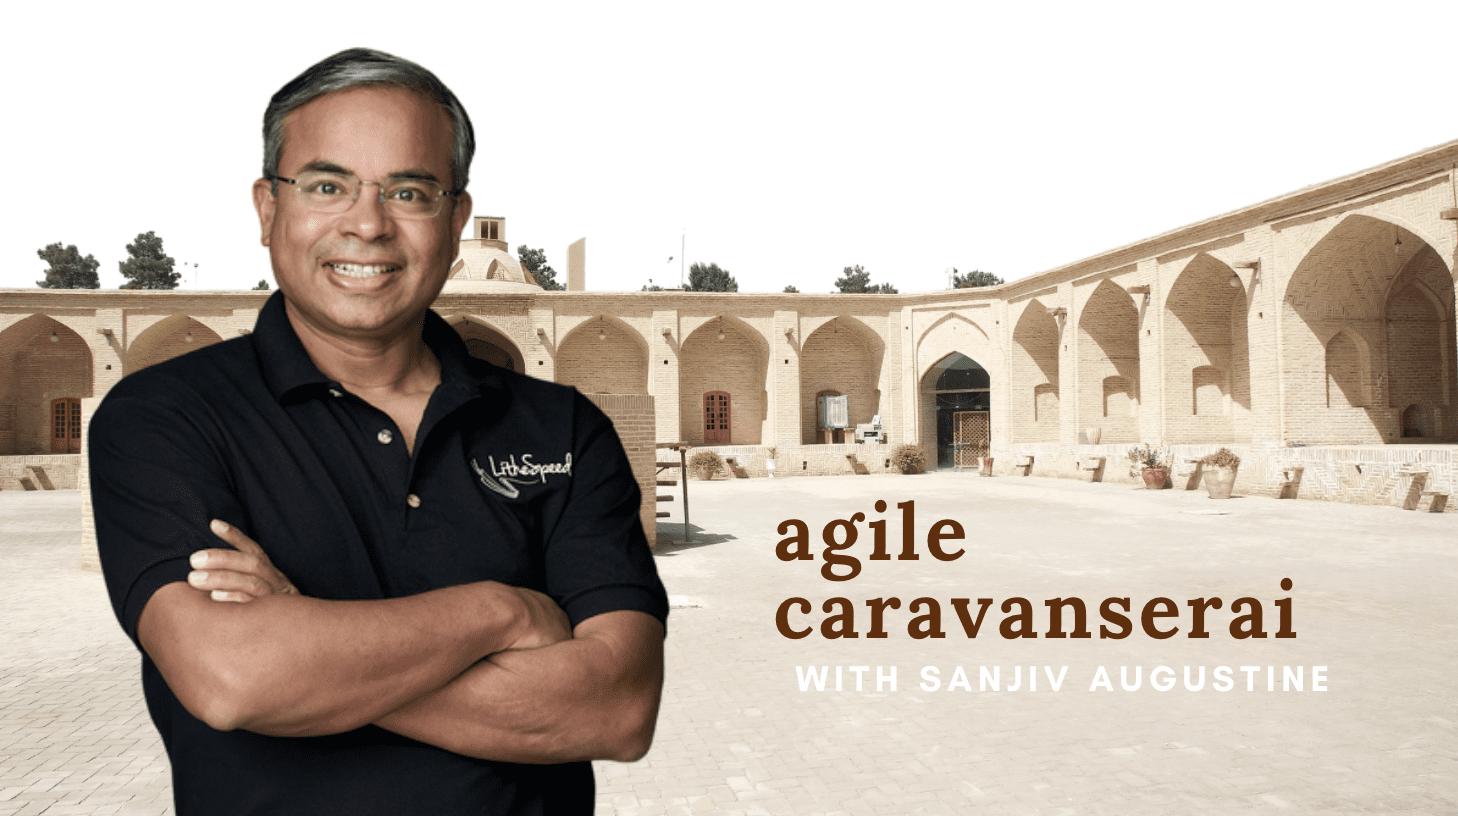 Agile Caravanserai: Journey with us